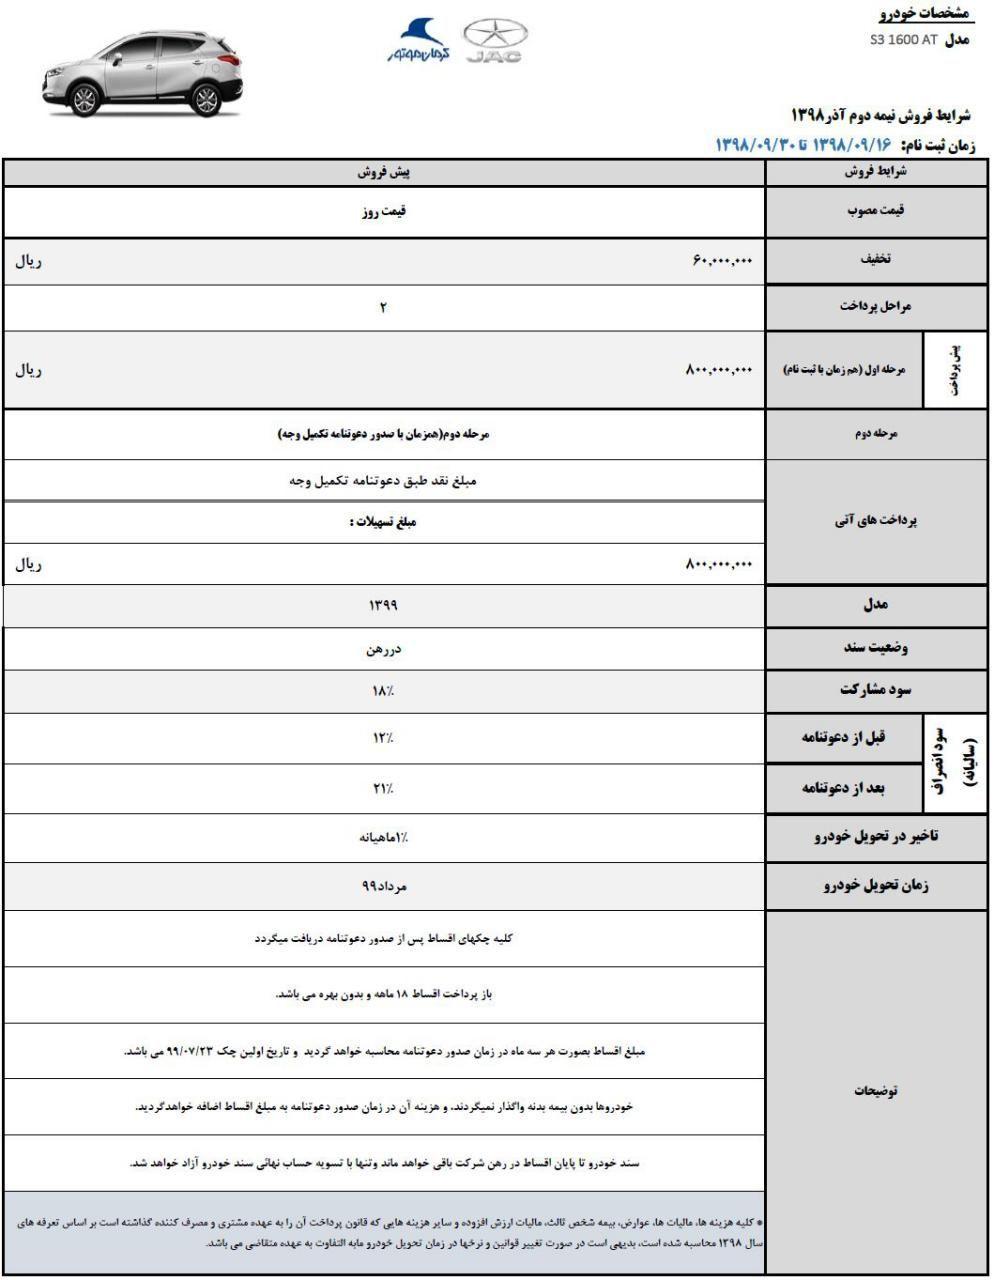 شرایط فروش کرمان موتور